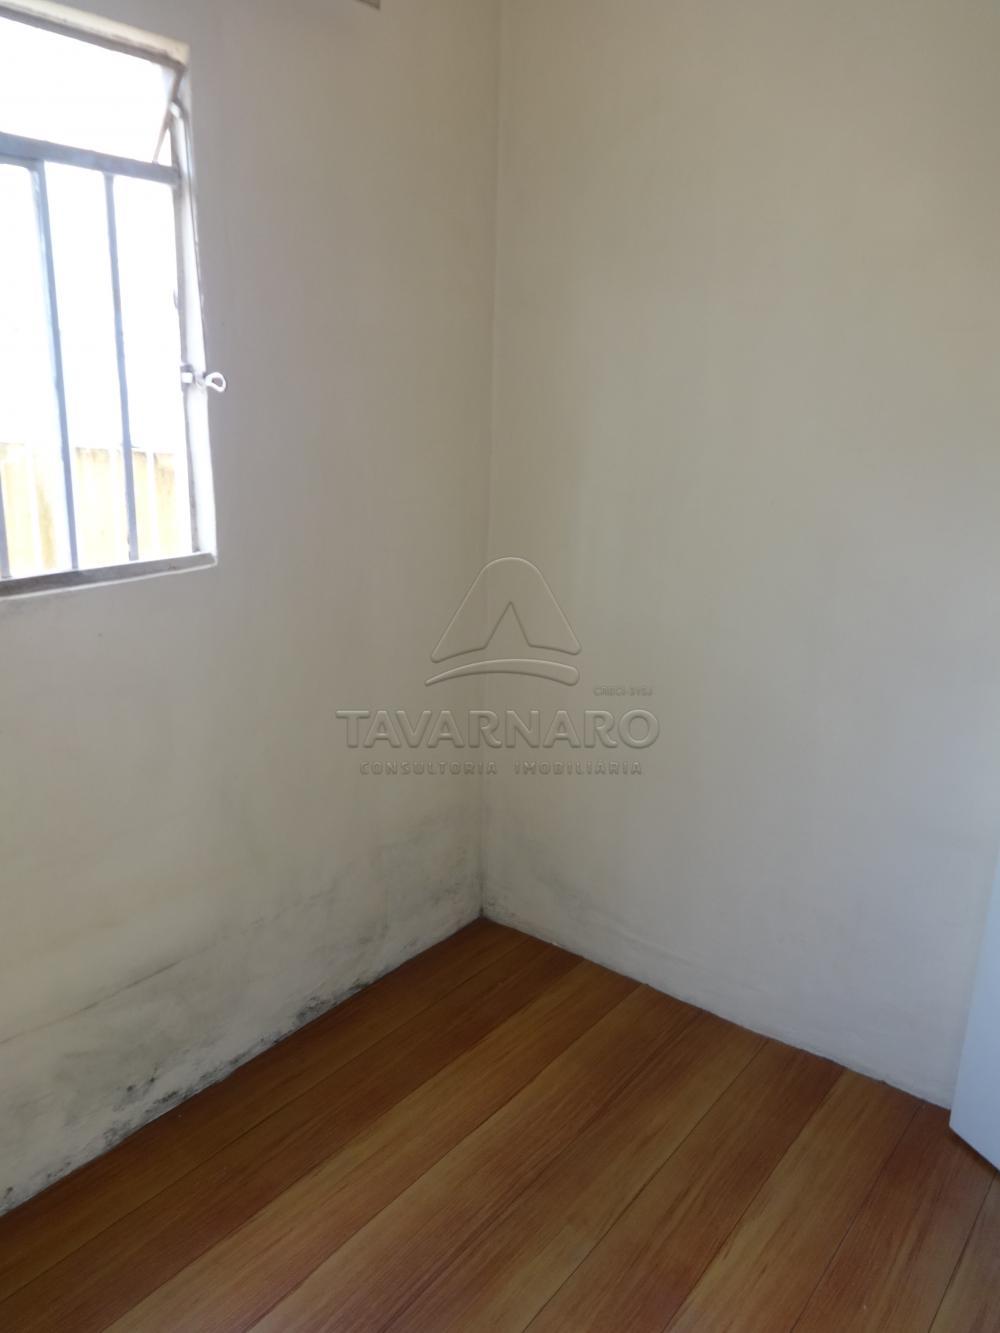 Alugar Casa / Padrão em Ponta Grossa apenas R$ 350,00 - Foto 9